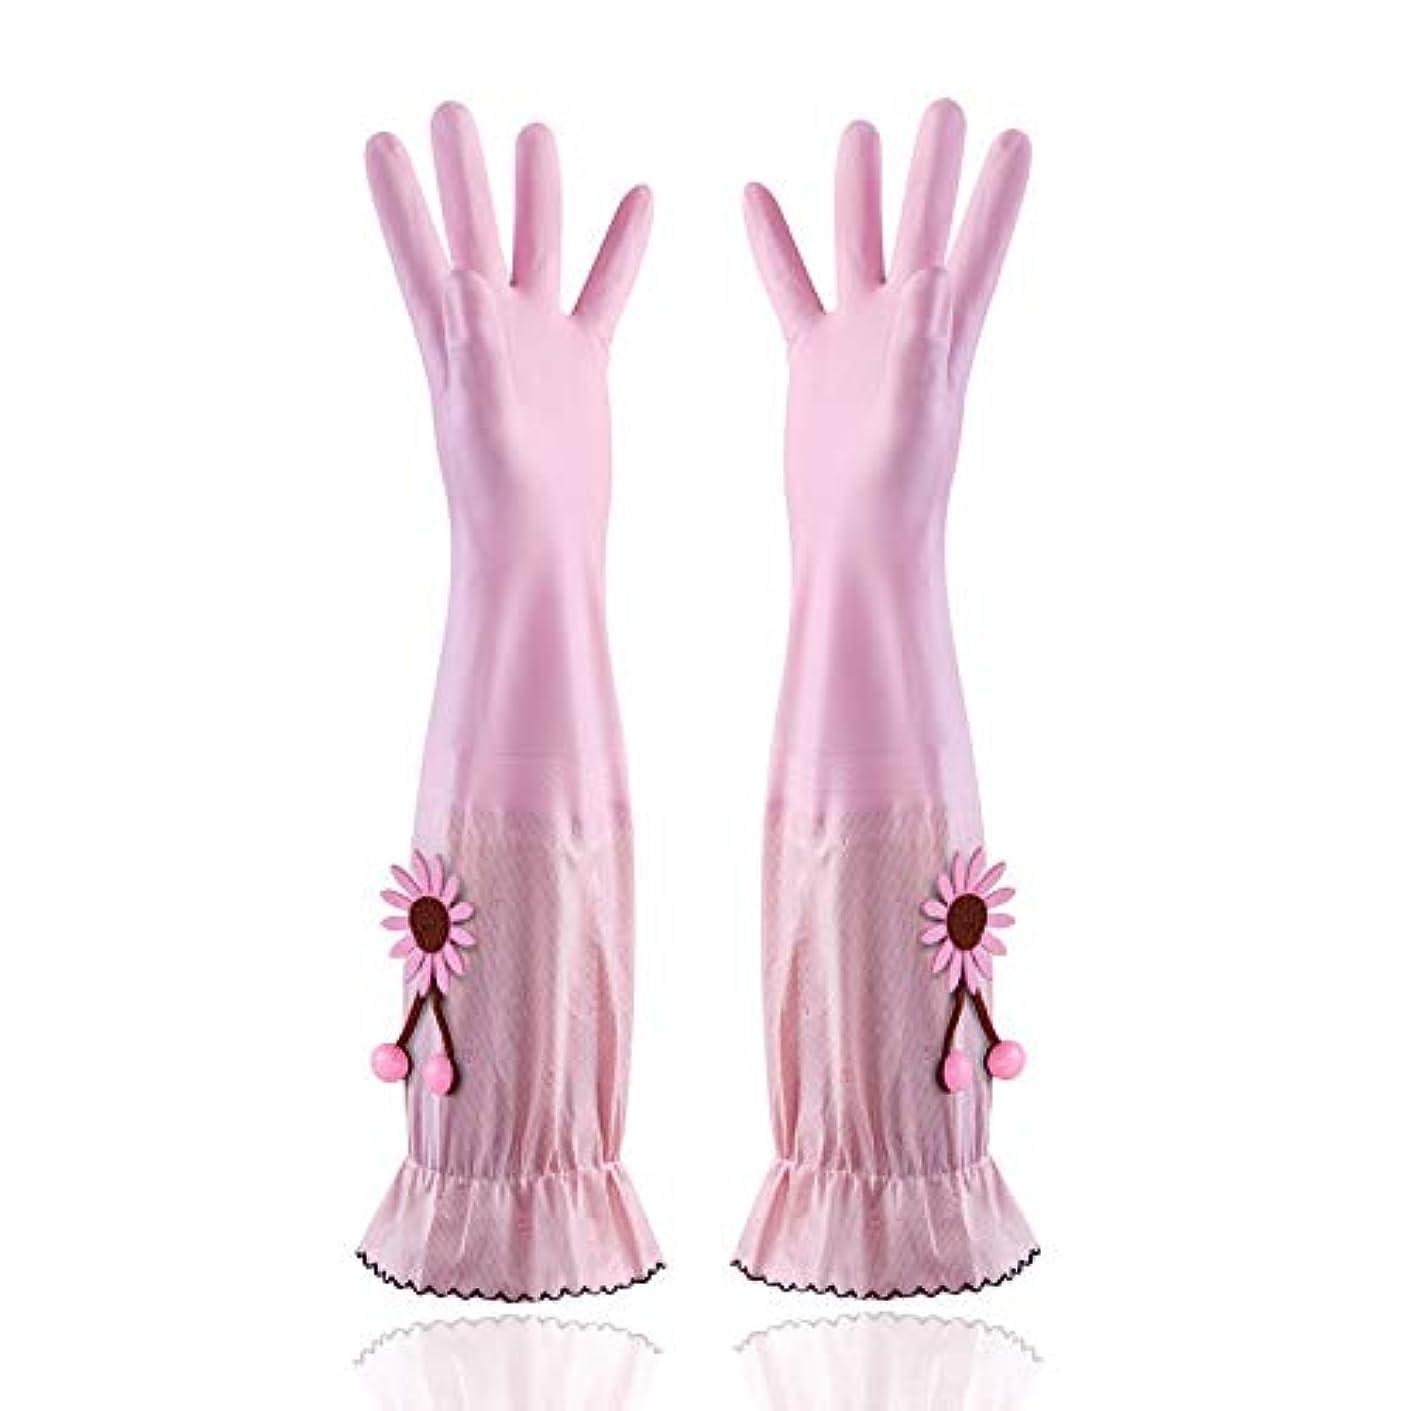 使い捨て手袋 使い捨て手袋防水性と耐久性のある厚いラテックスゴム製キッチン家庭用手袋 ニトリルゴム手袋 (Color : Pink, Size : L)